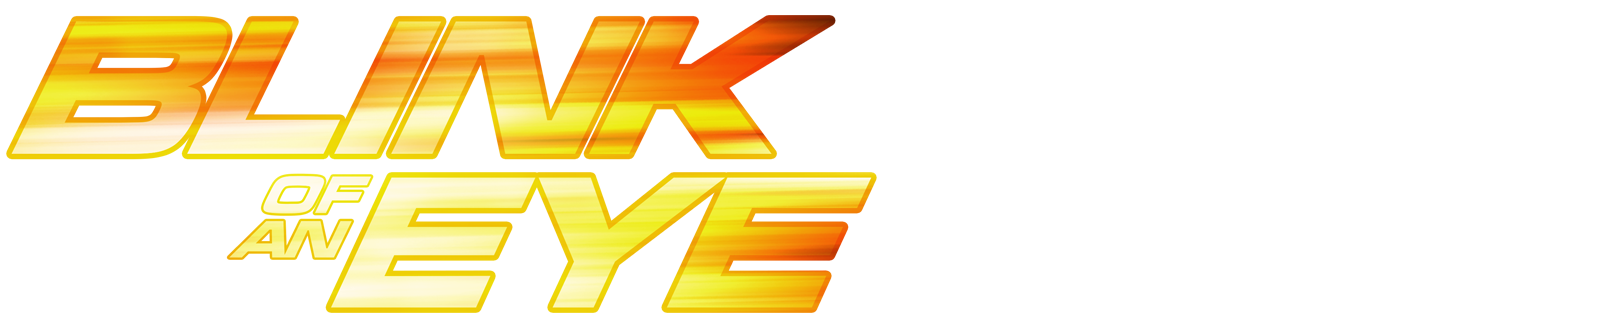 title_logo_horiz_fullsize.png